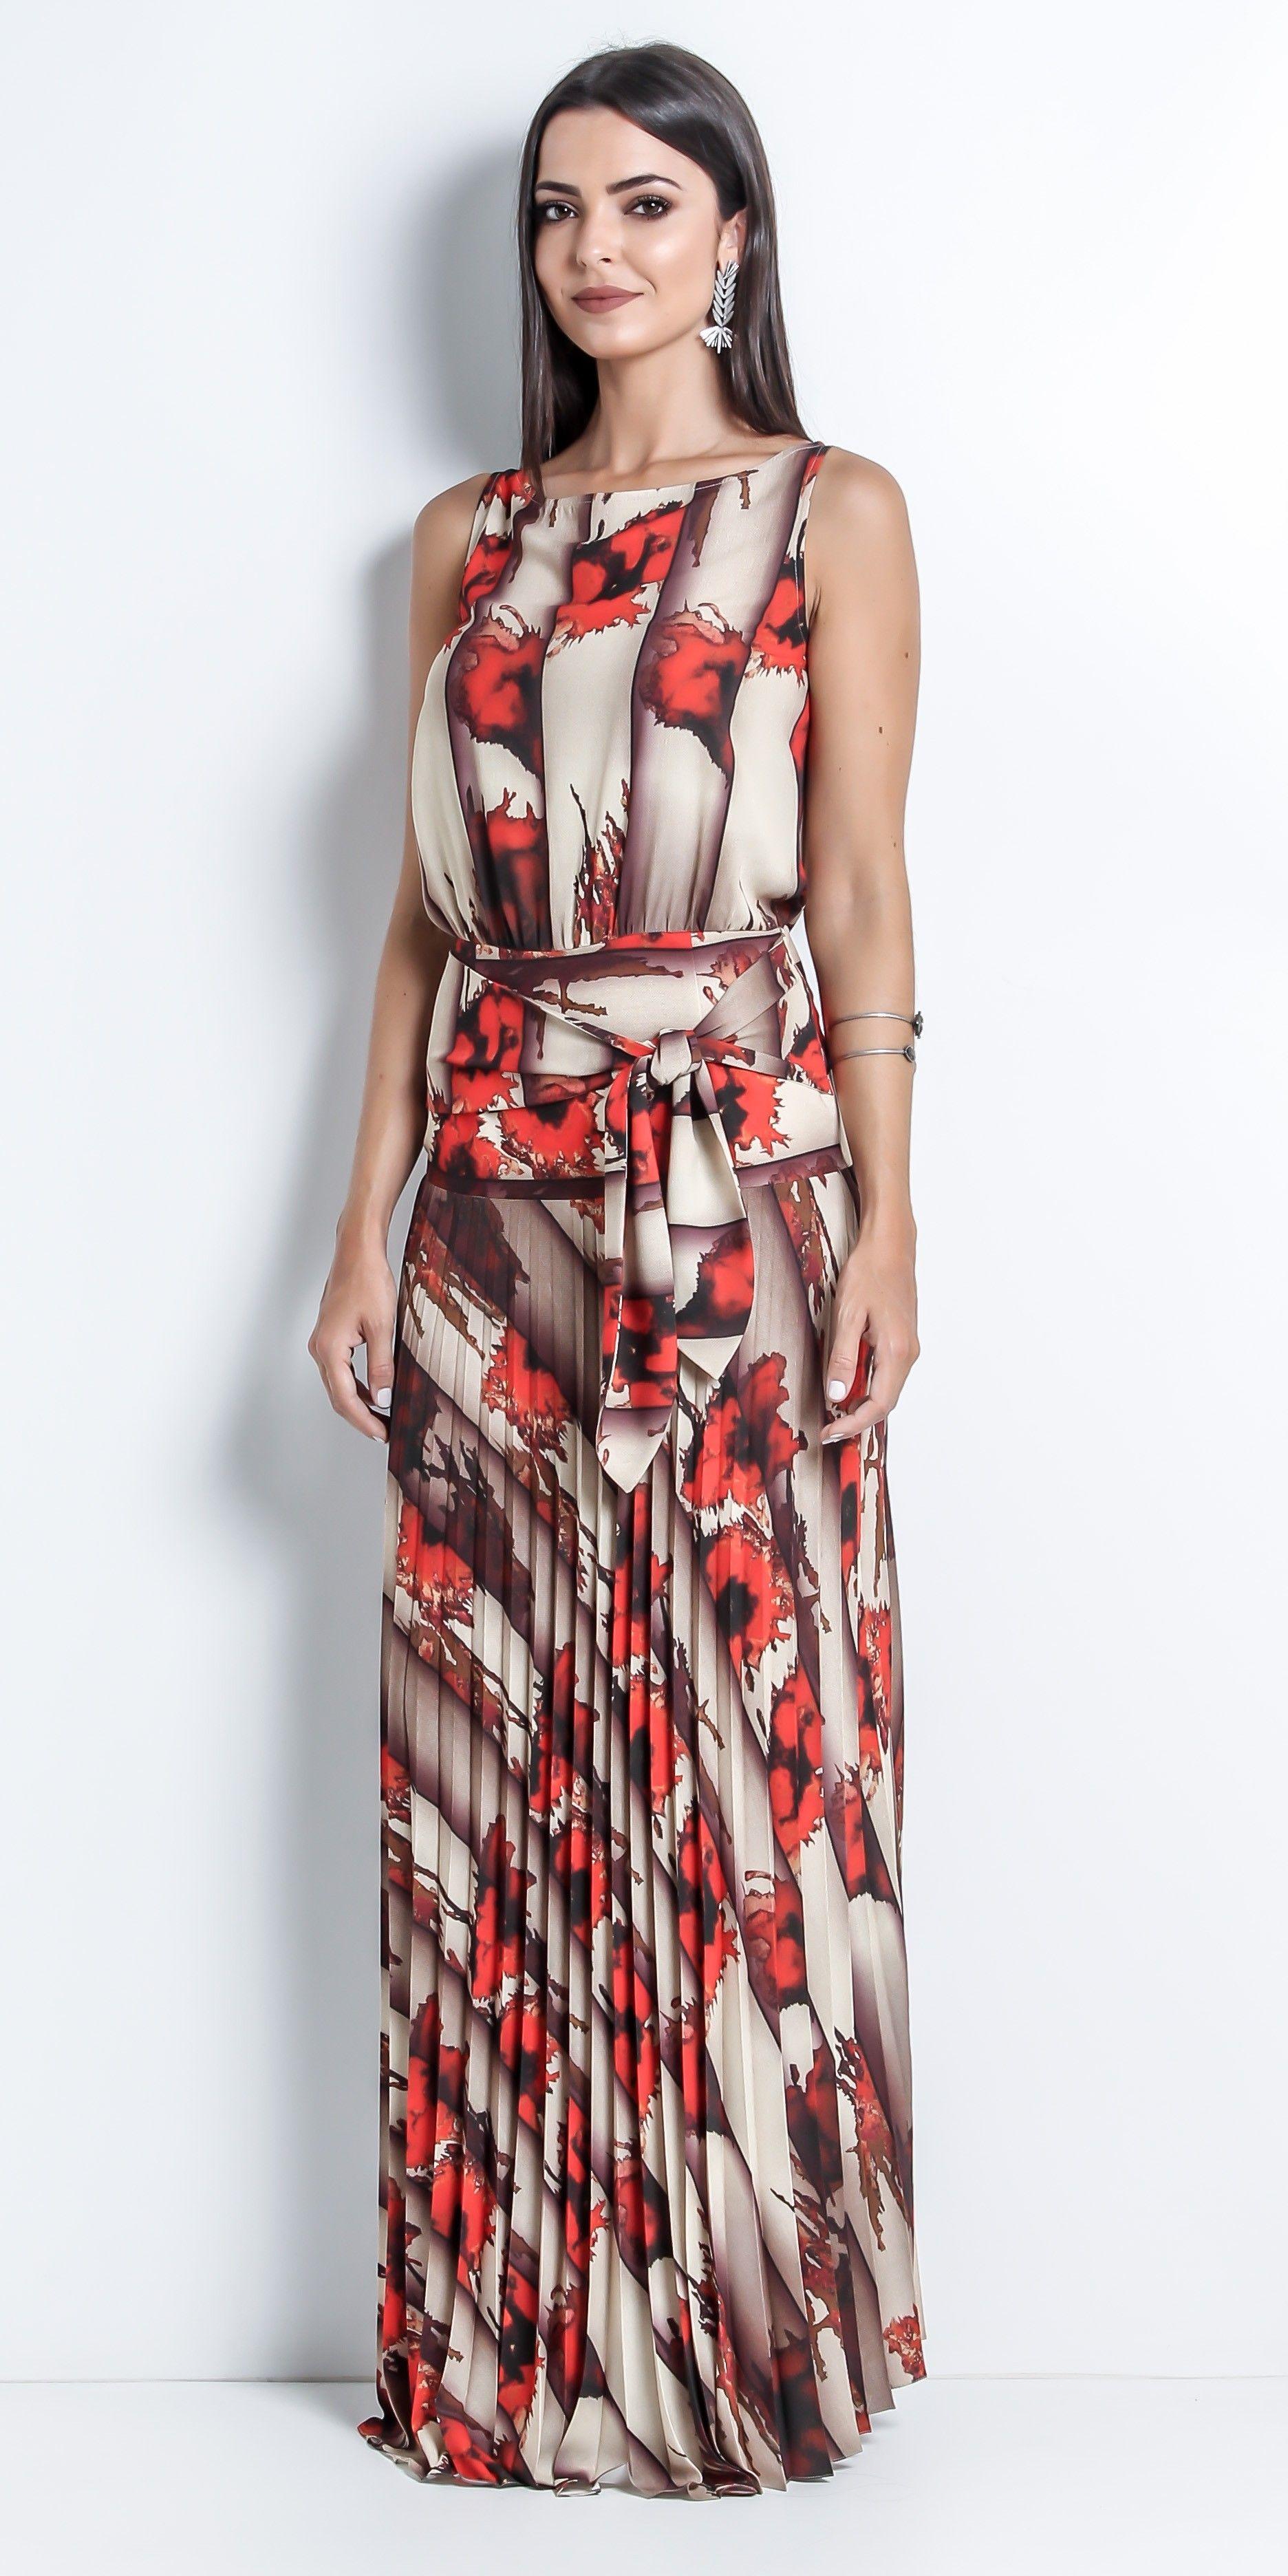 7e2314423 Vestido longo cavado com saia plissada em tecido aspecto seda creponada e  pala alfaiataria estampados.